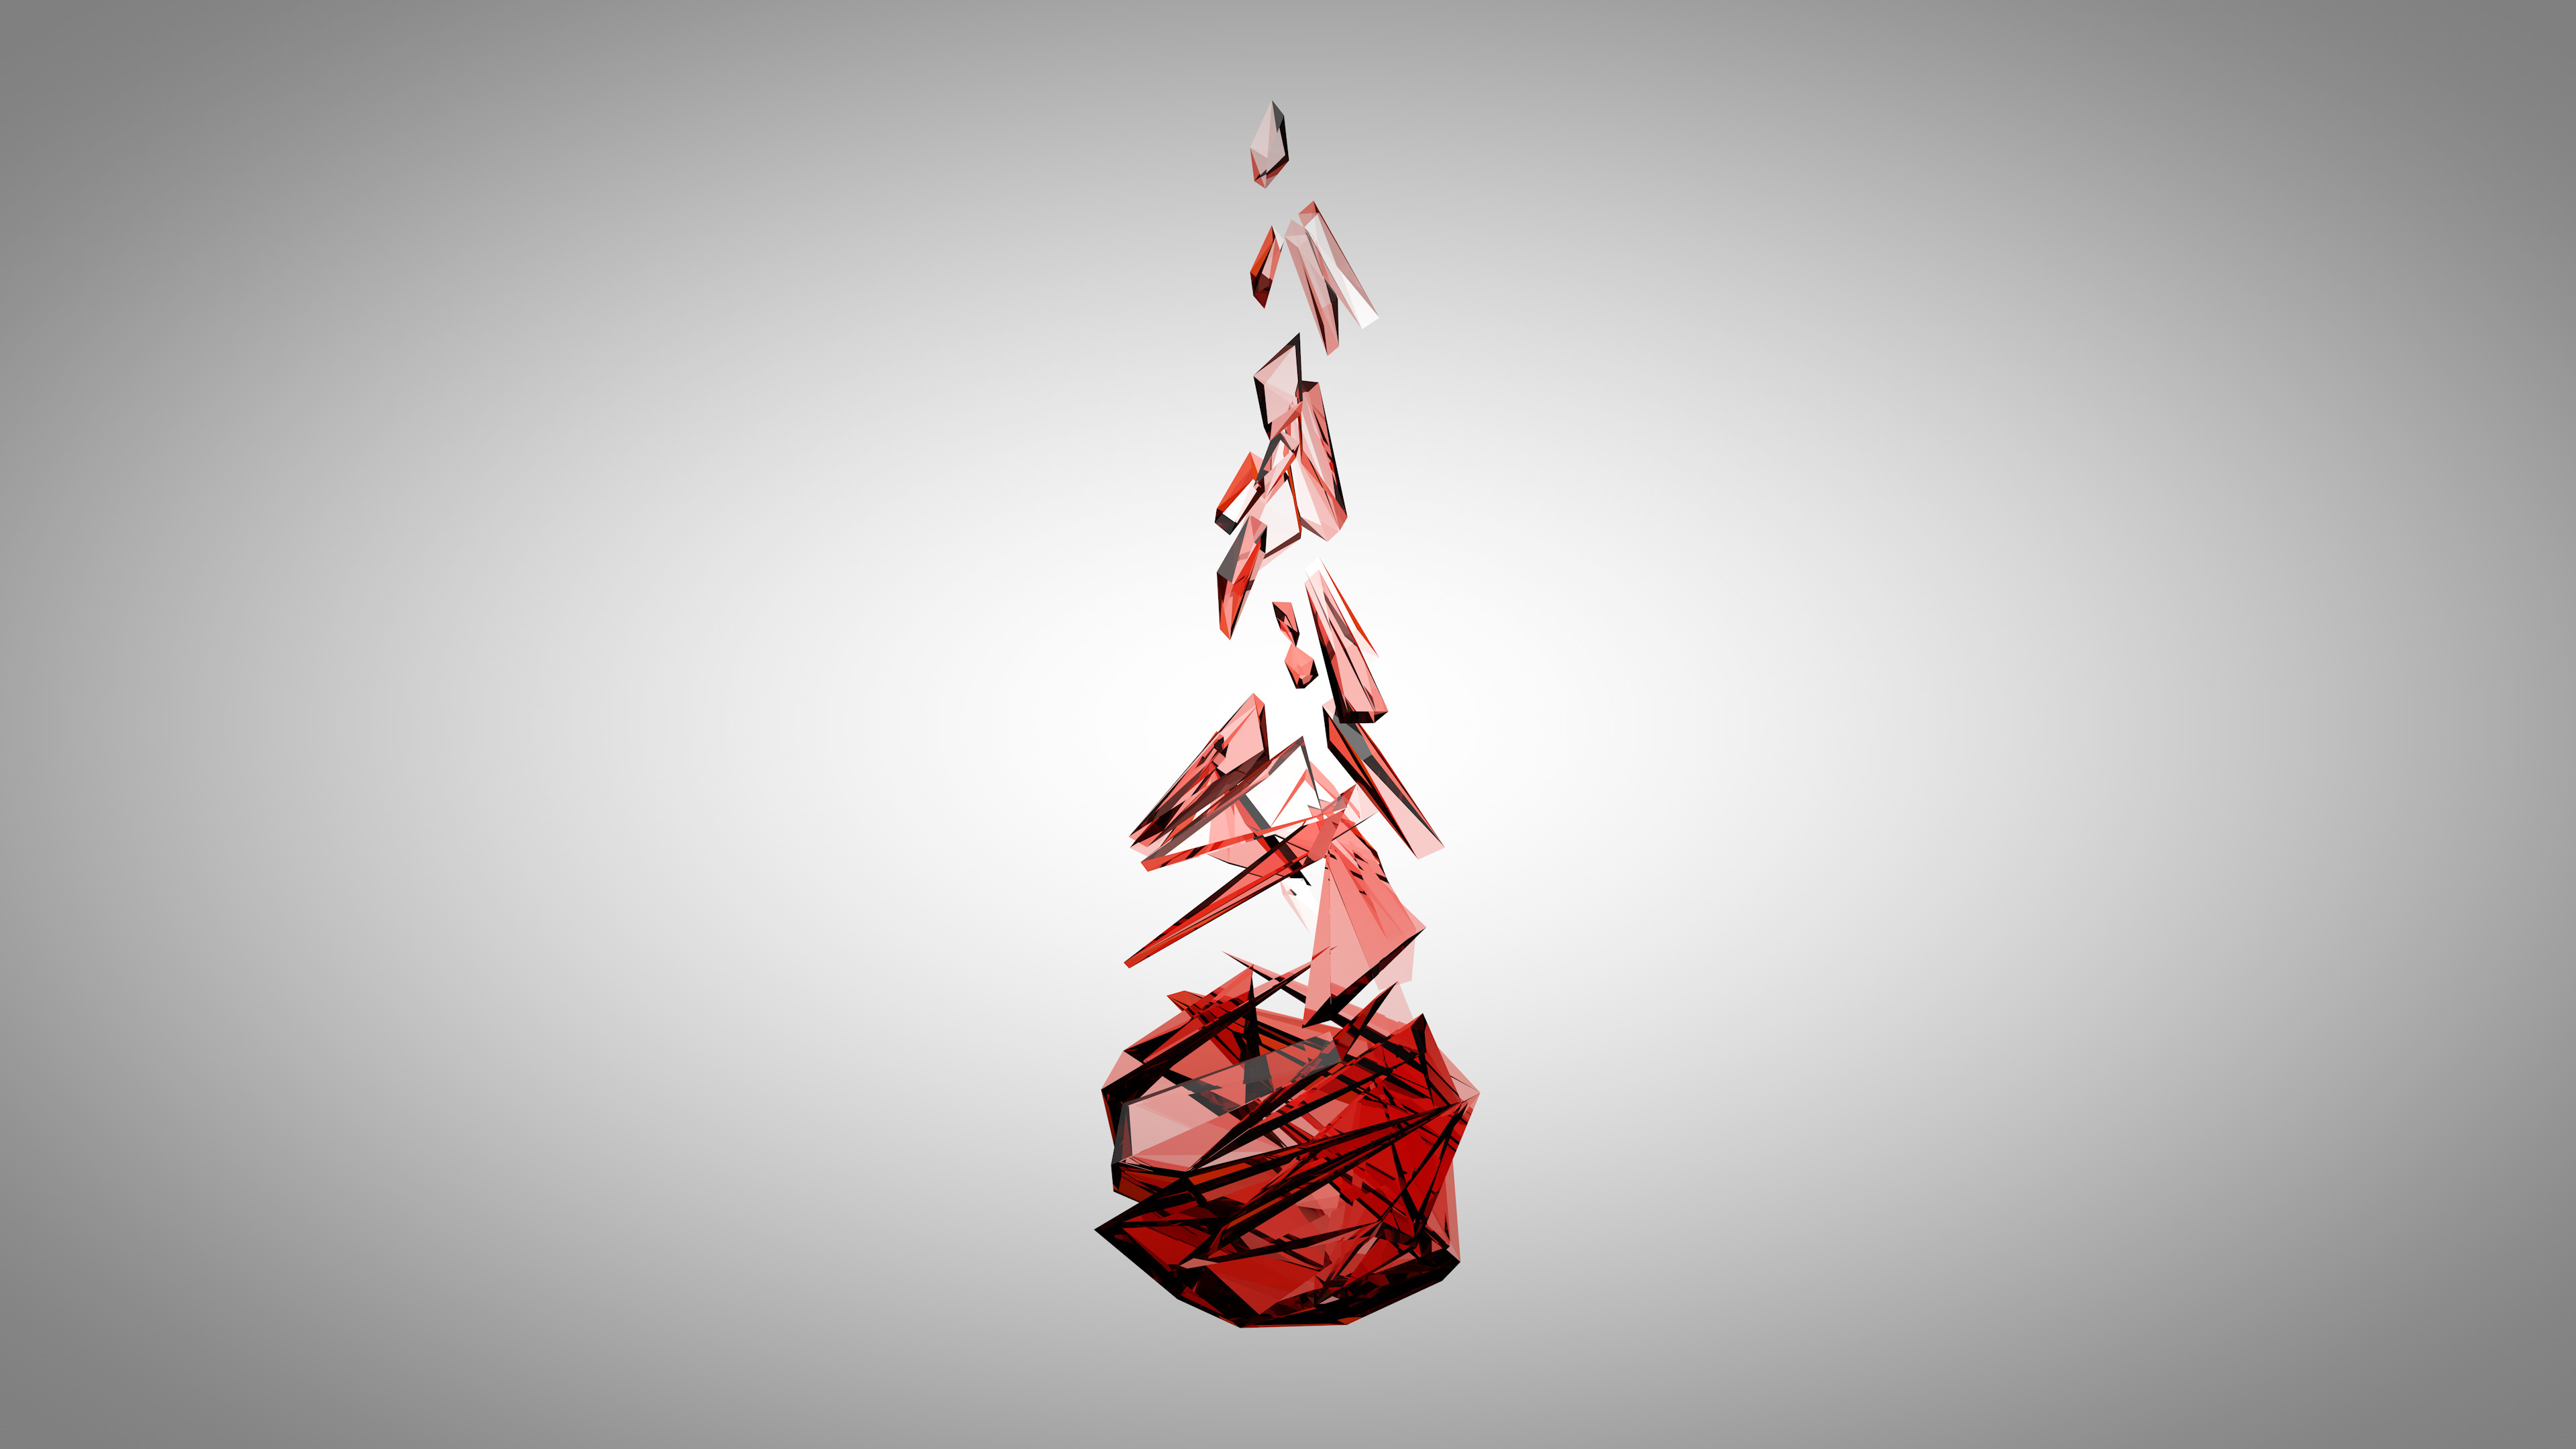 … Red Facet (4K) by raj3n